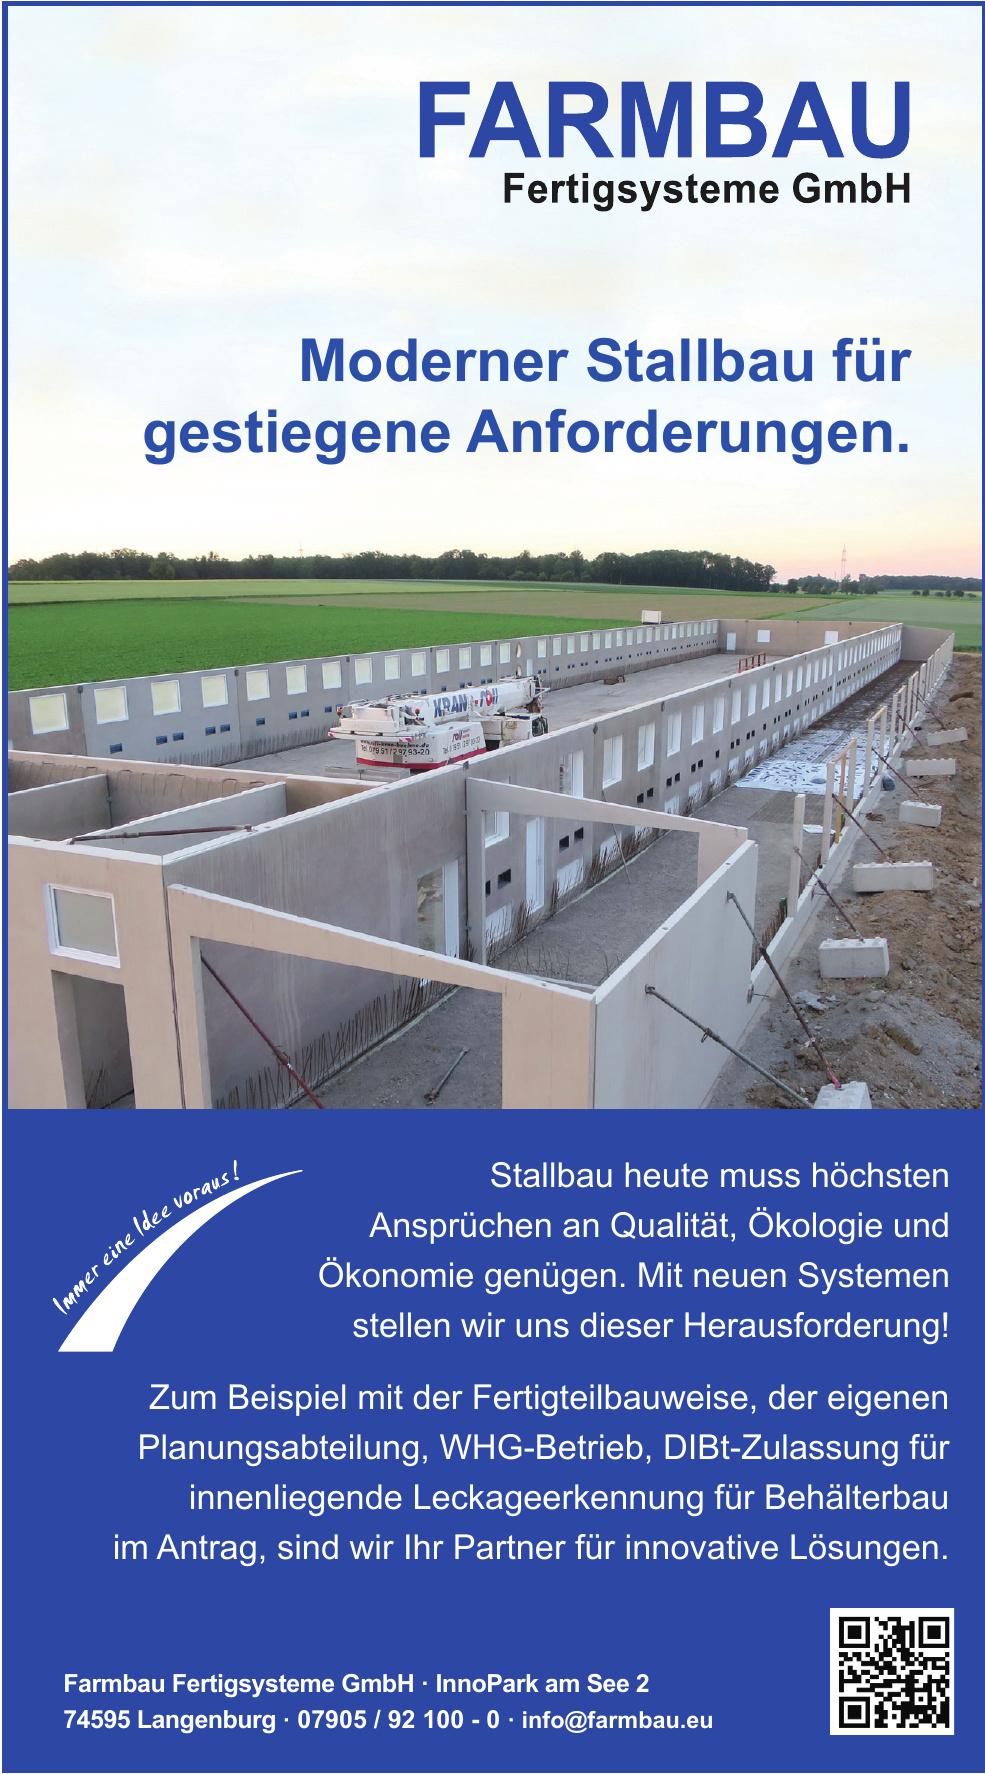 Farmbau Fertigsysteme GmbH